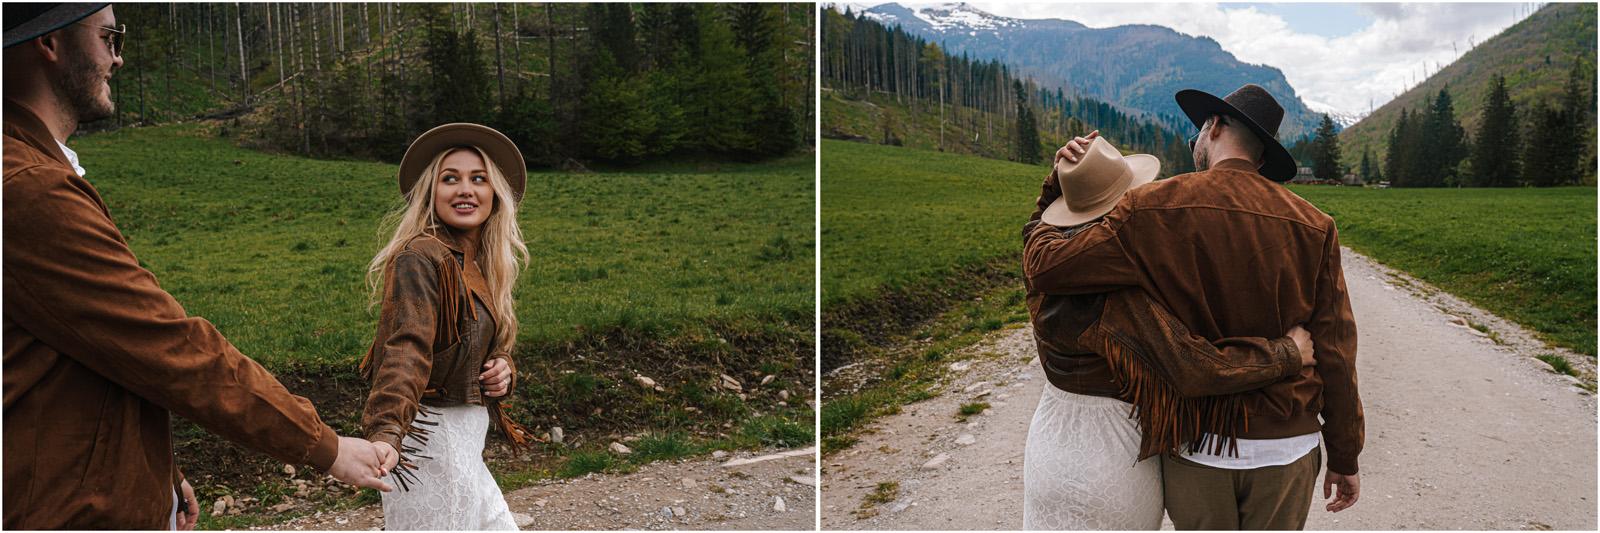 Amanda & Błażej | ślub i sesja w górach 54